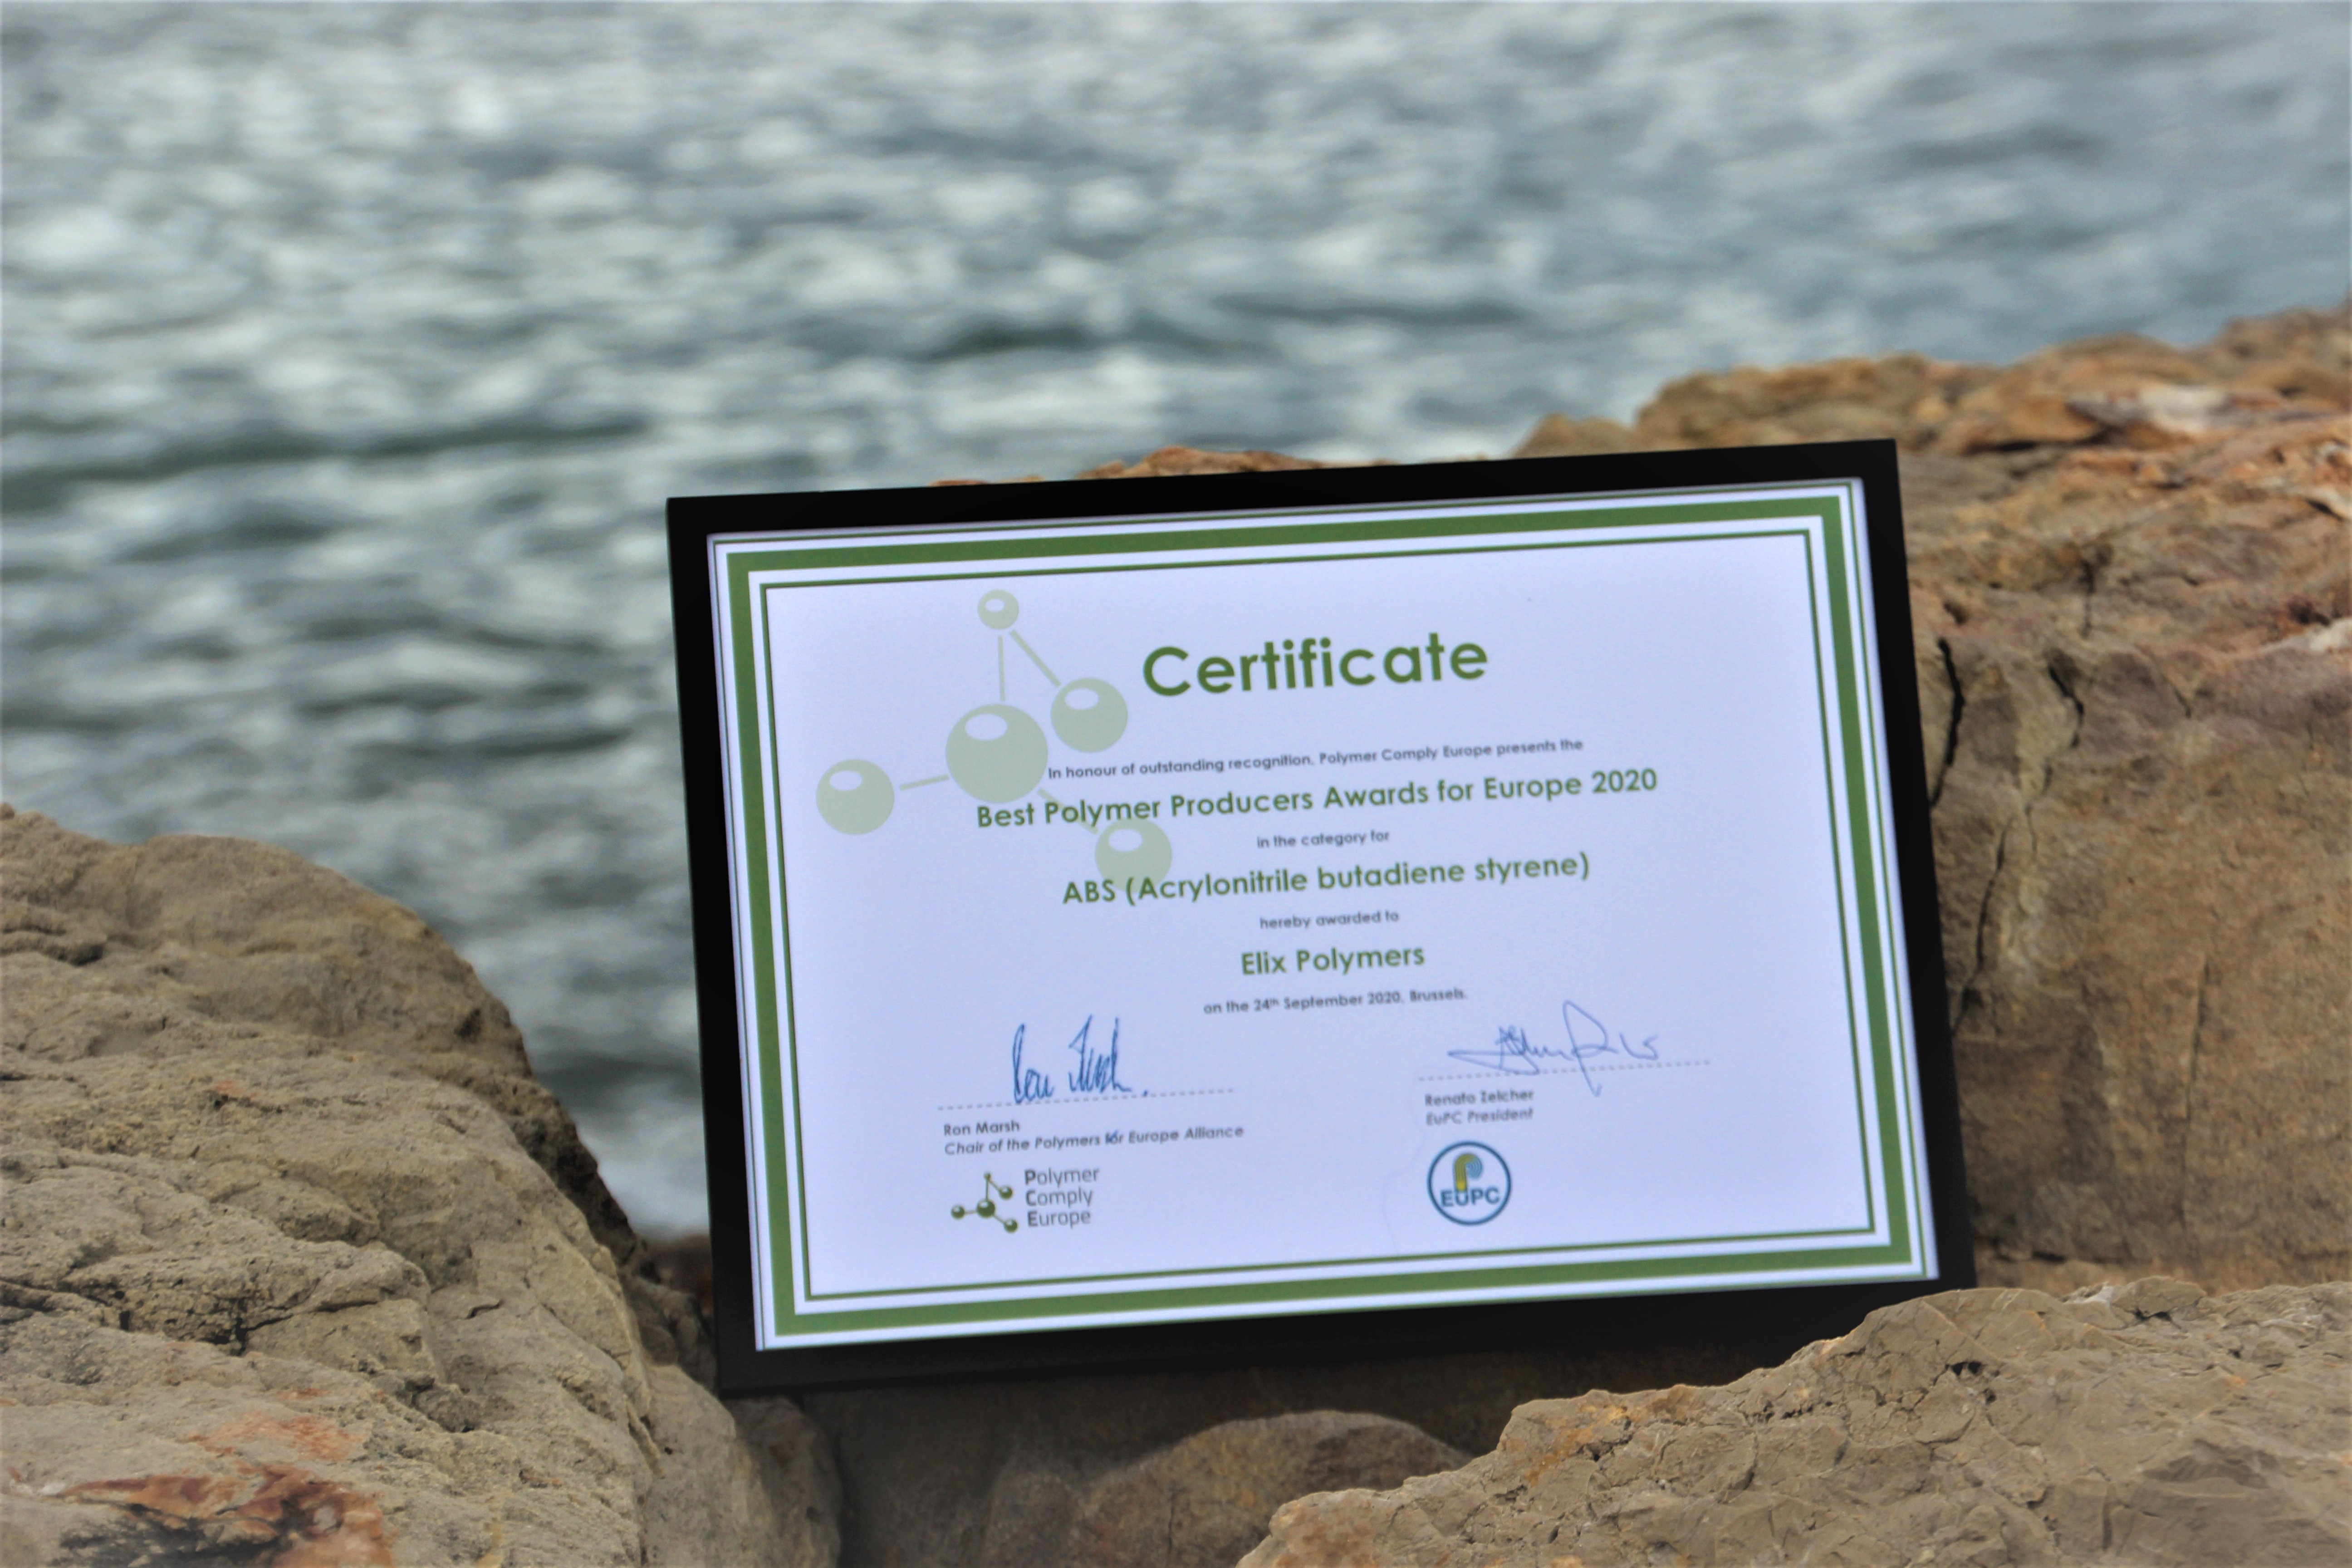 Premio al Mejor Fabricante Europeo de Polímeros 2020